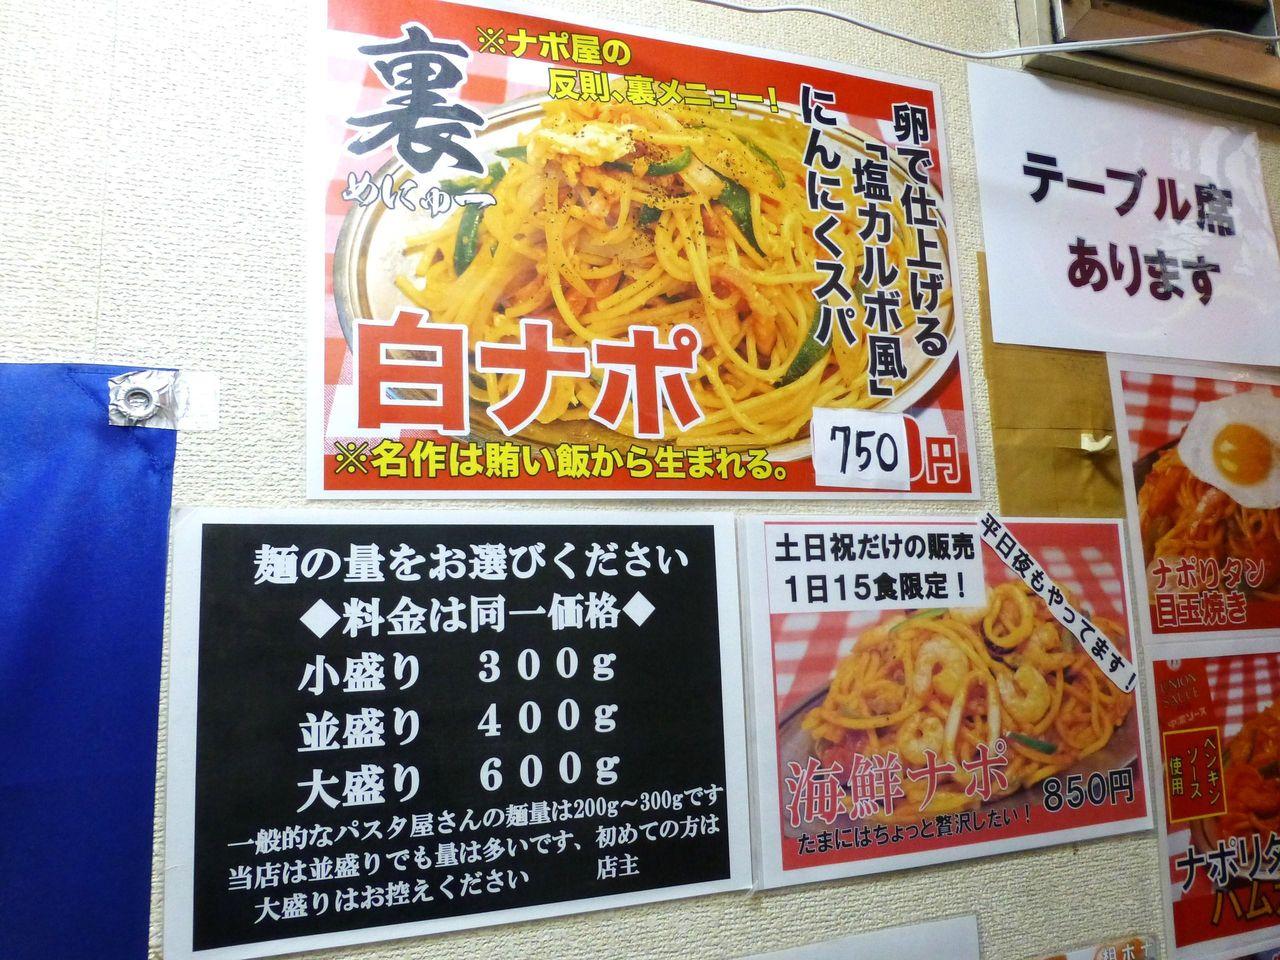 パンチョの麺の量(26年4月現在)